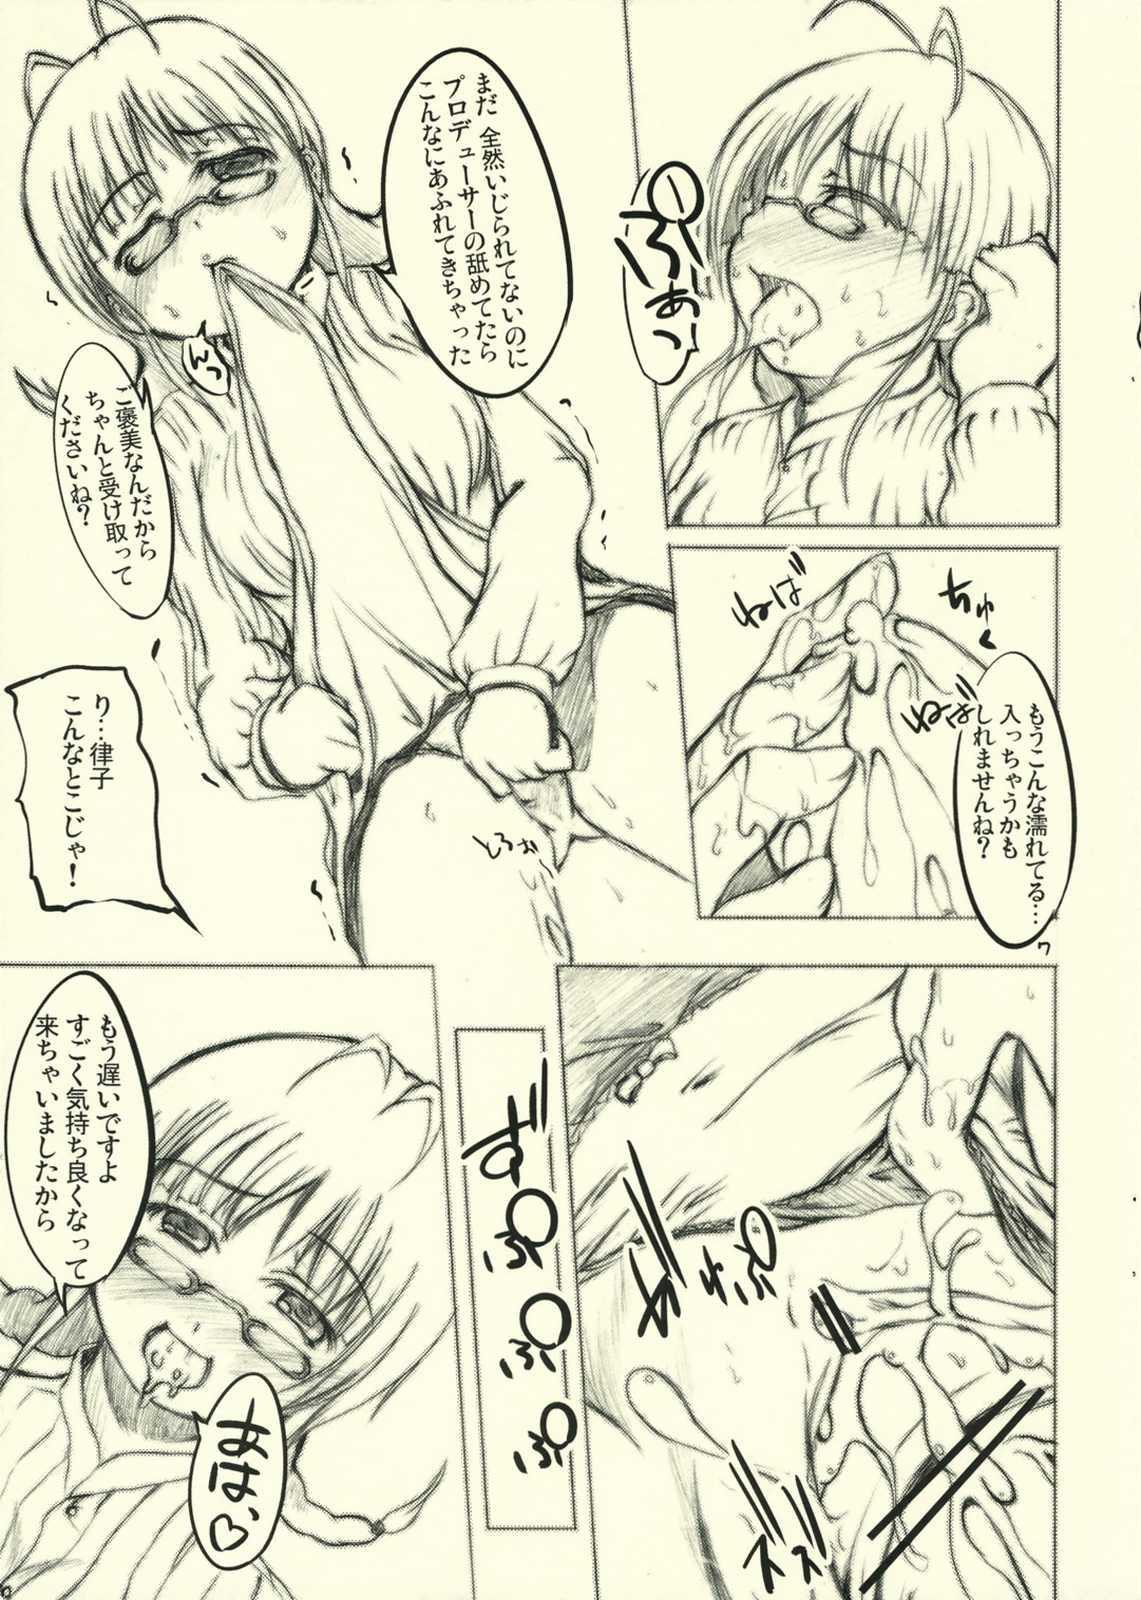 Hatsujou Ricchan 6